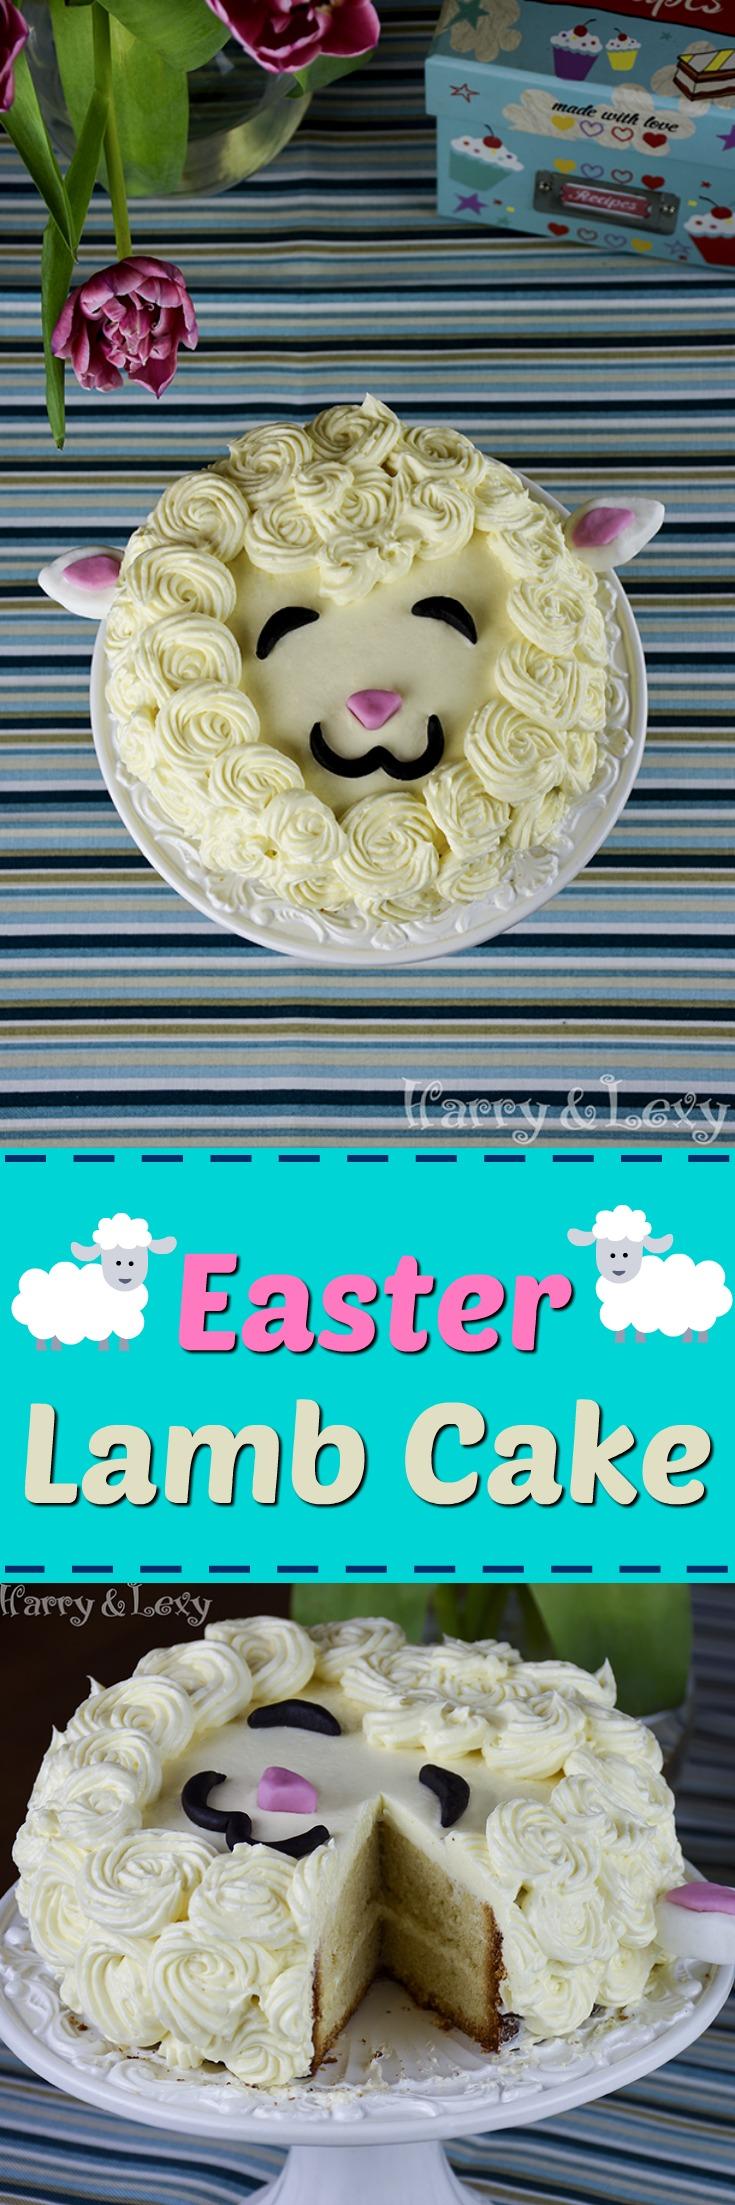 Easy Easter Lamb Cake